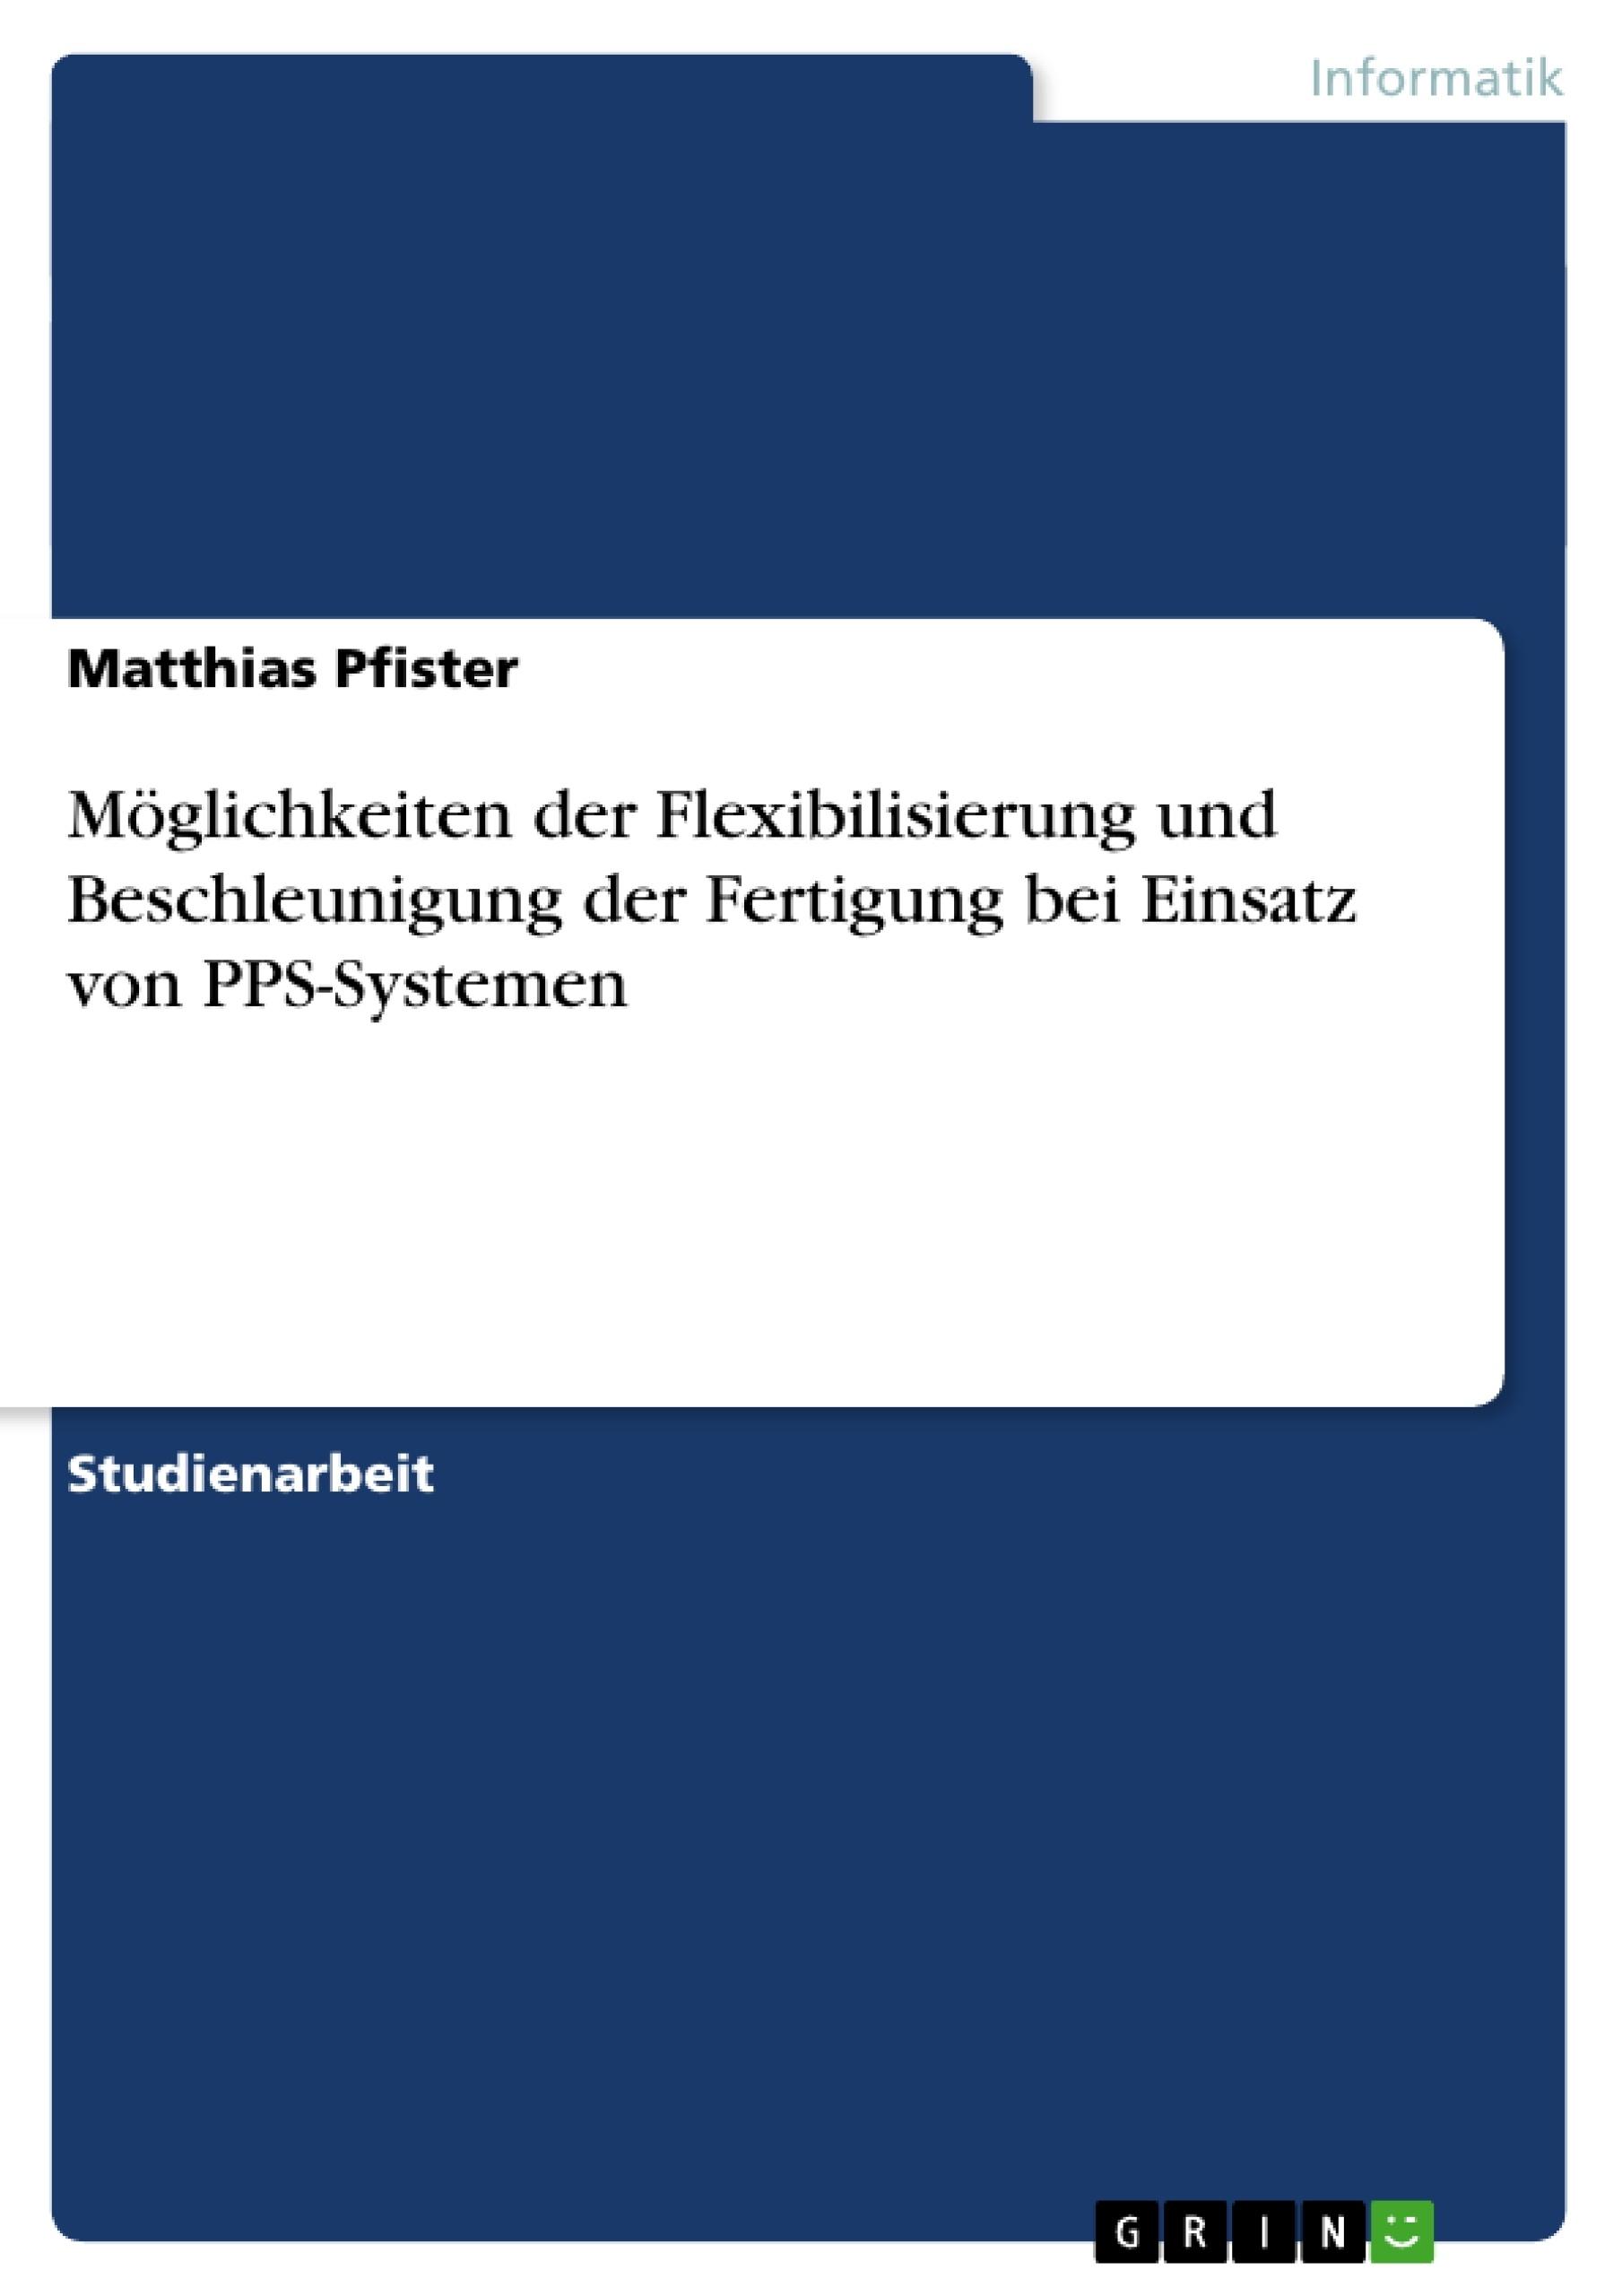 Titel: Möglichkeiten der Flexibilisierung und Beschleunigung der Fertigung bei Einsatz von PPS-Systemen